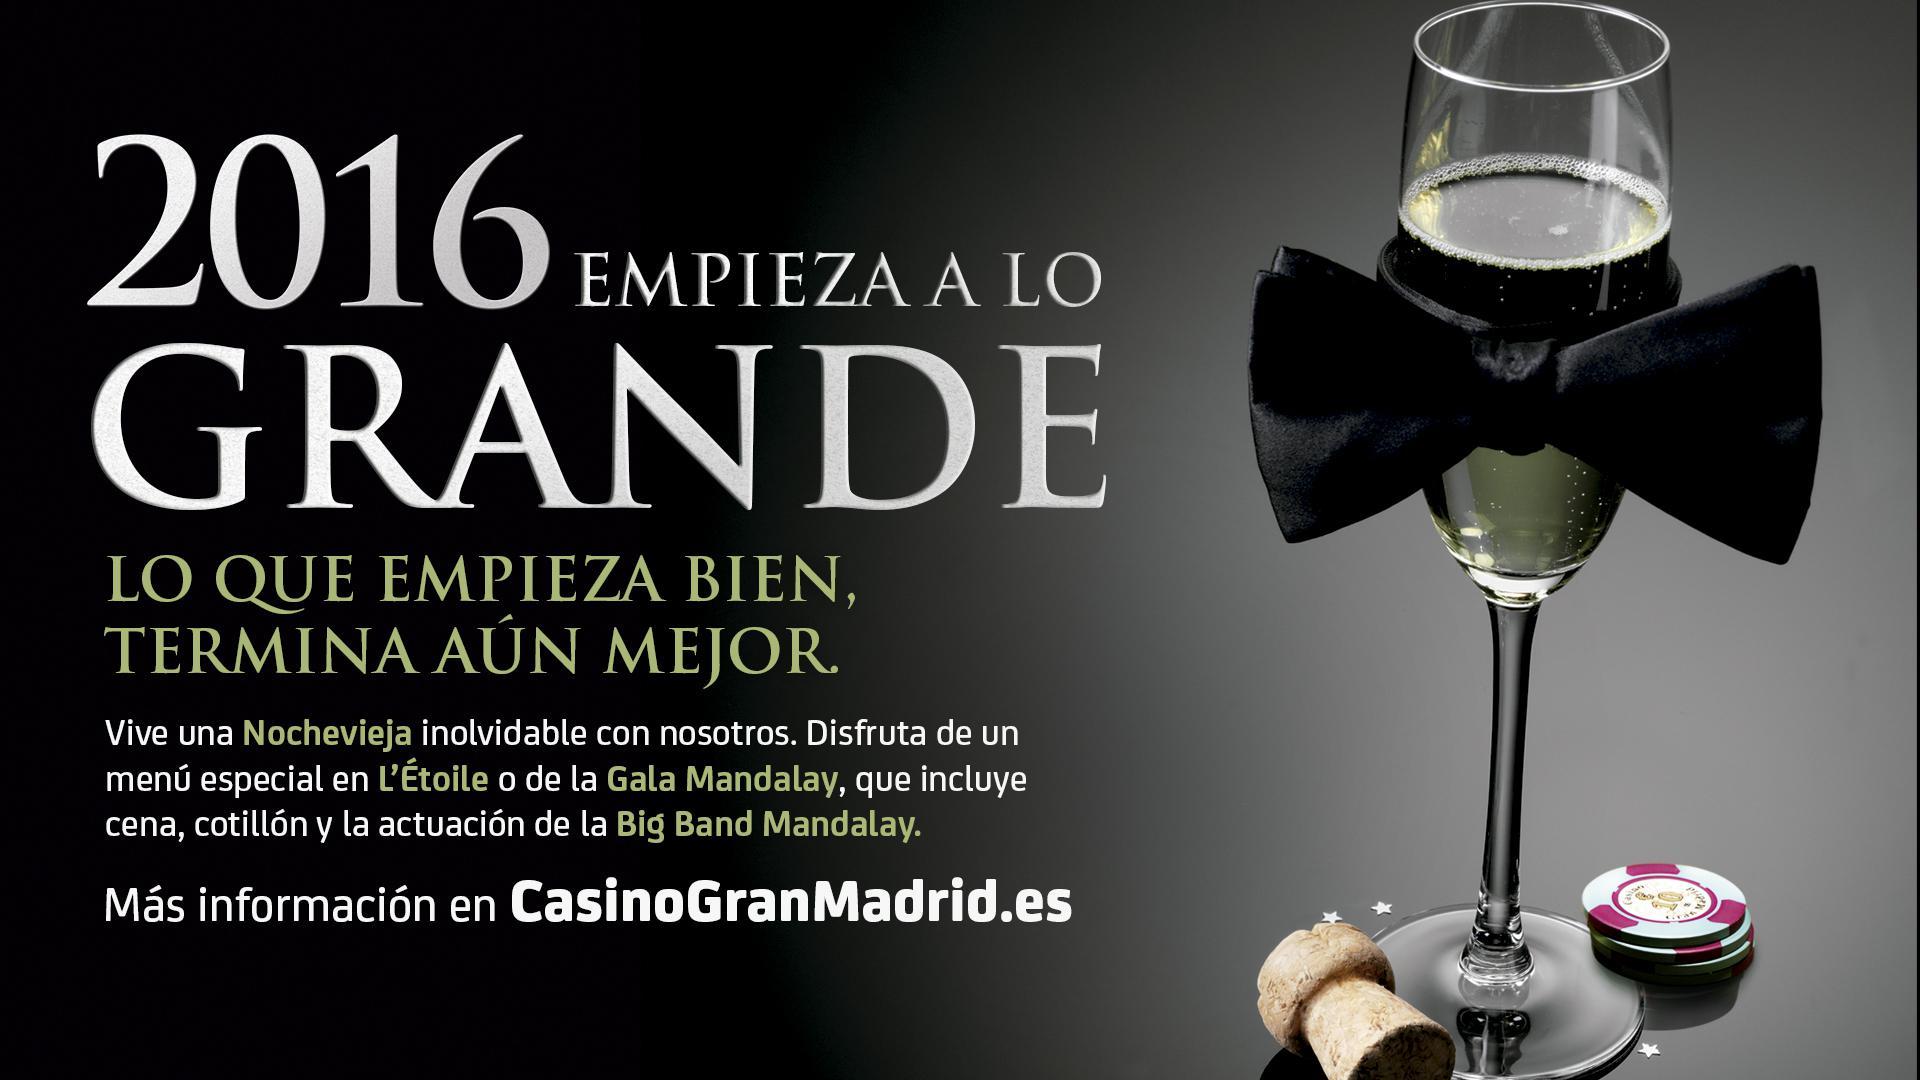 Despide en año en el Casino Gran Madrid de Torrelodones.